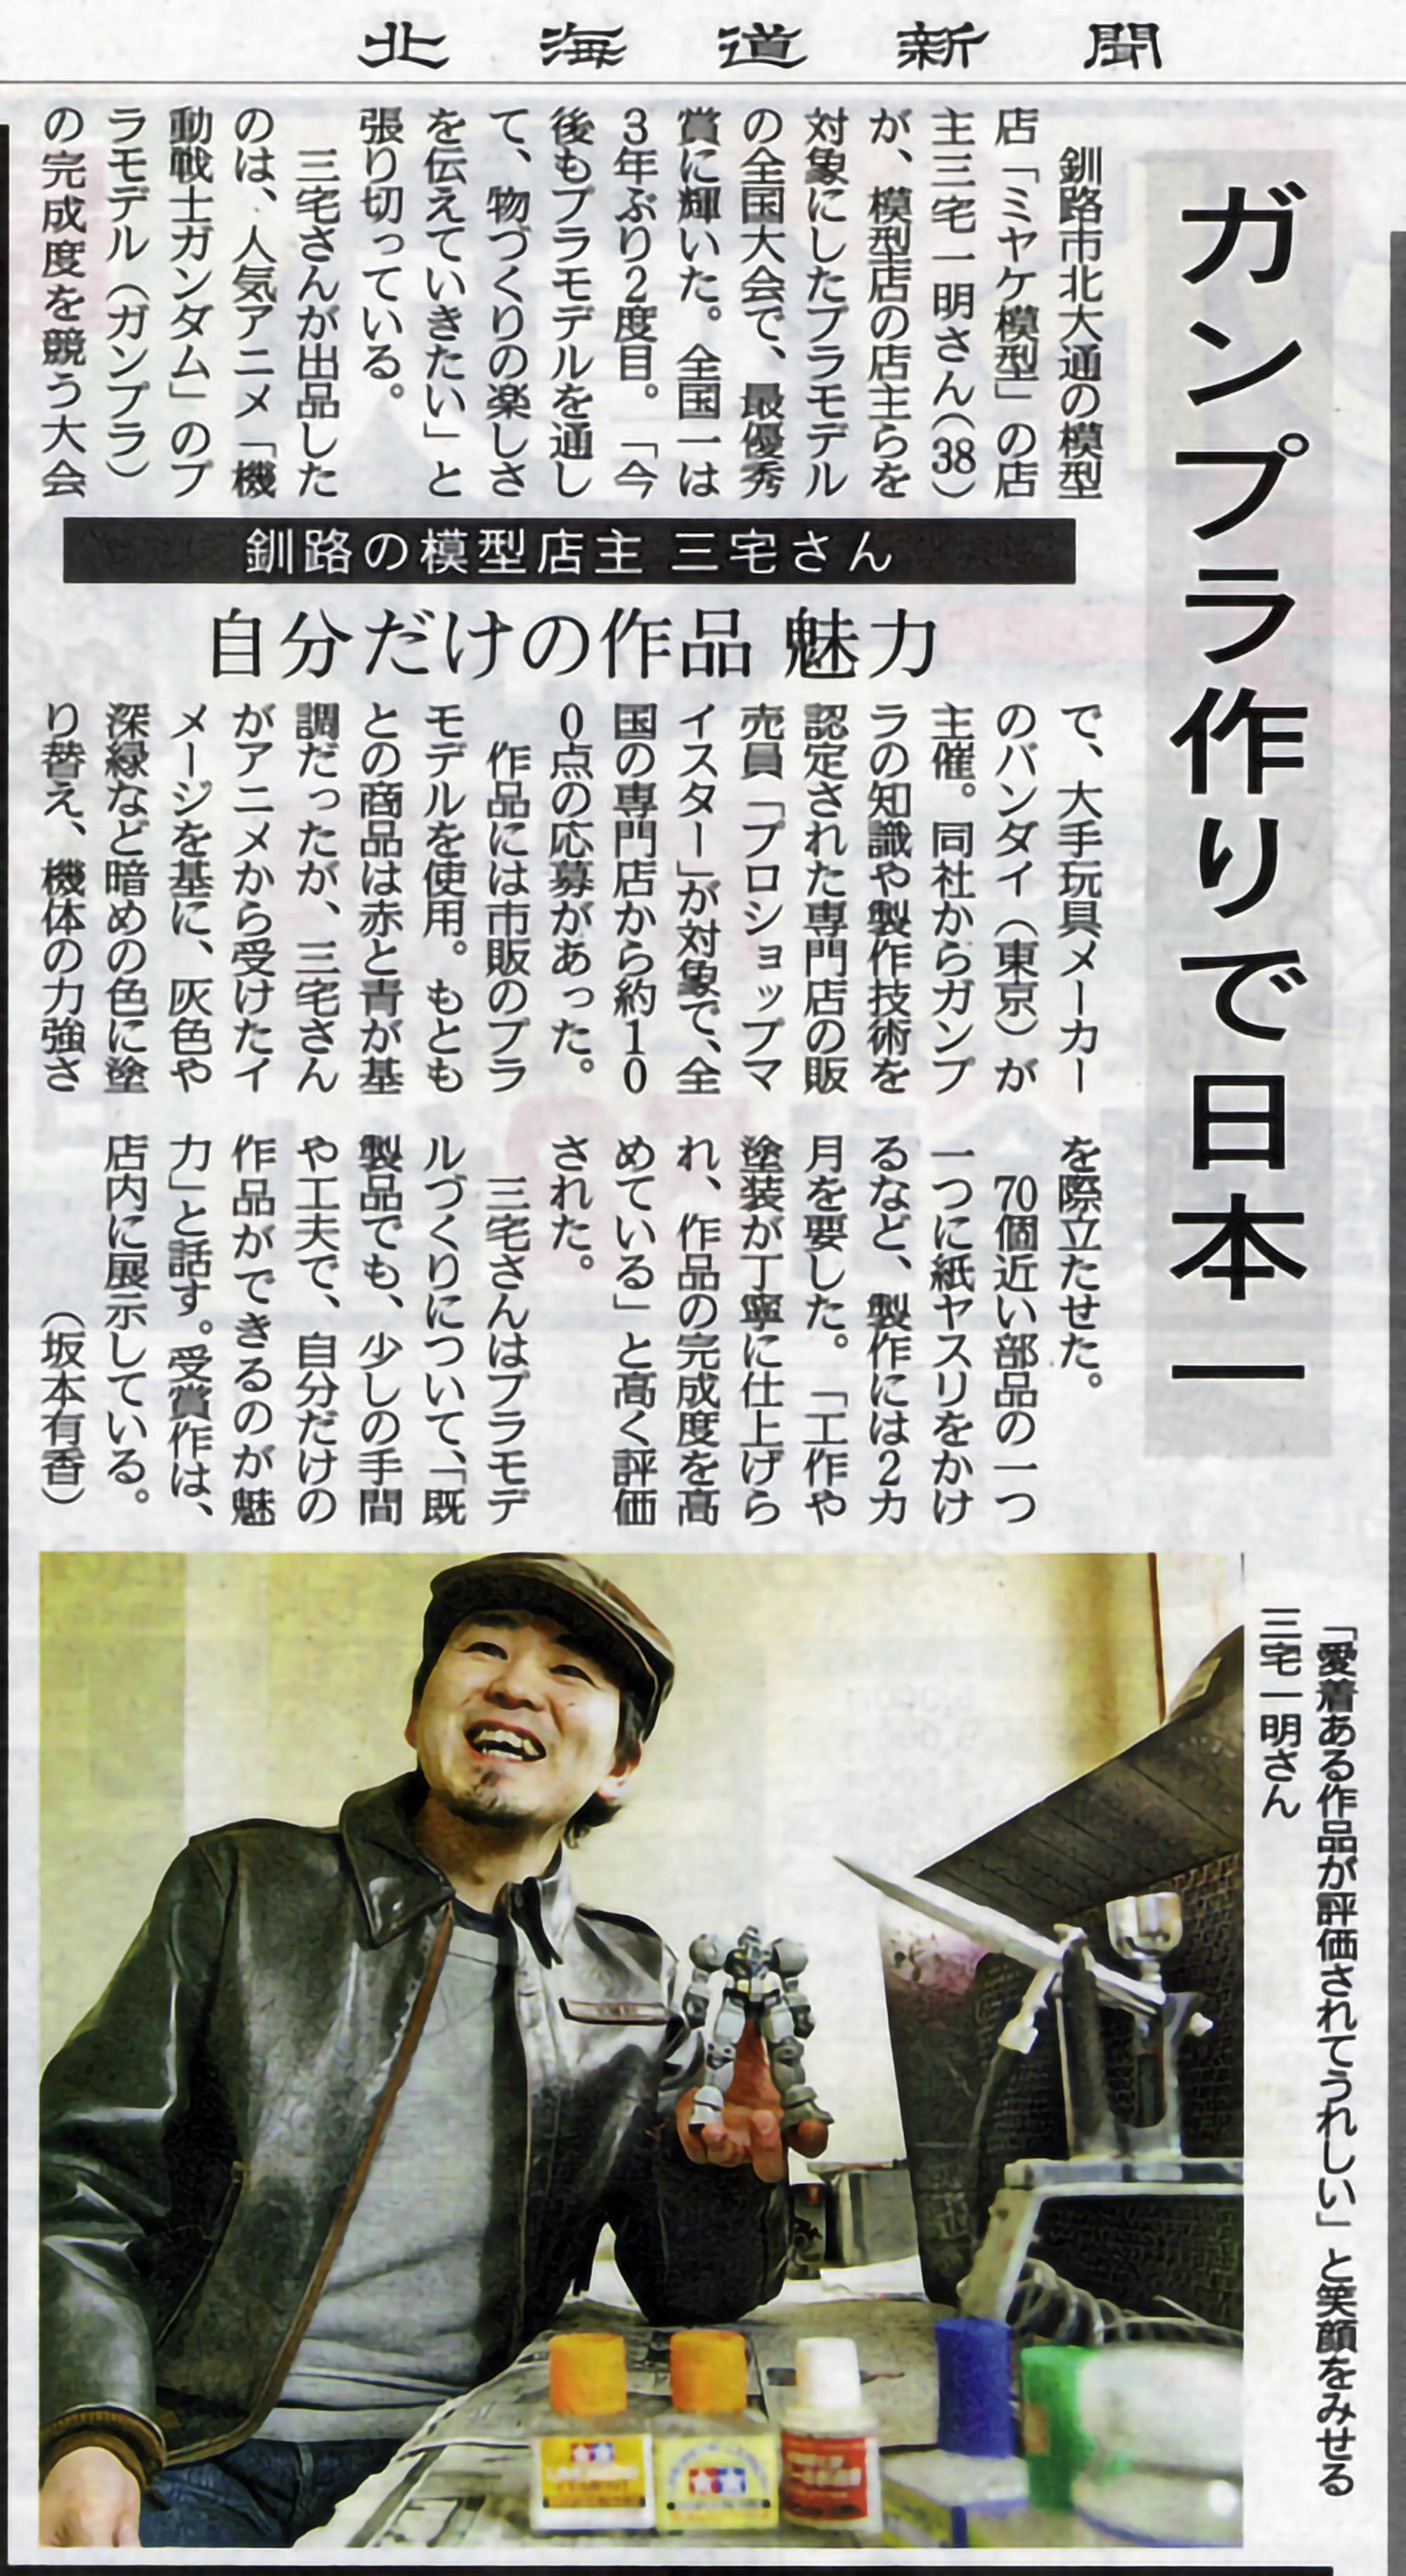 2012-6-5北海道新聞朝刊